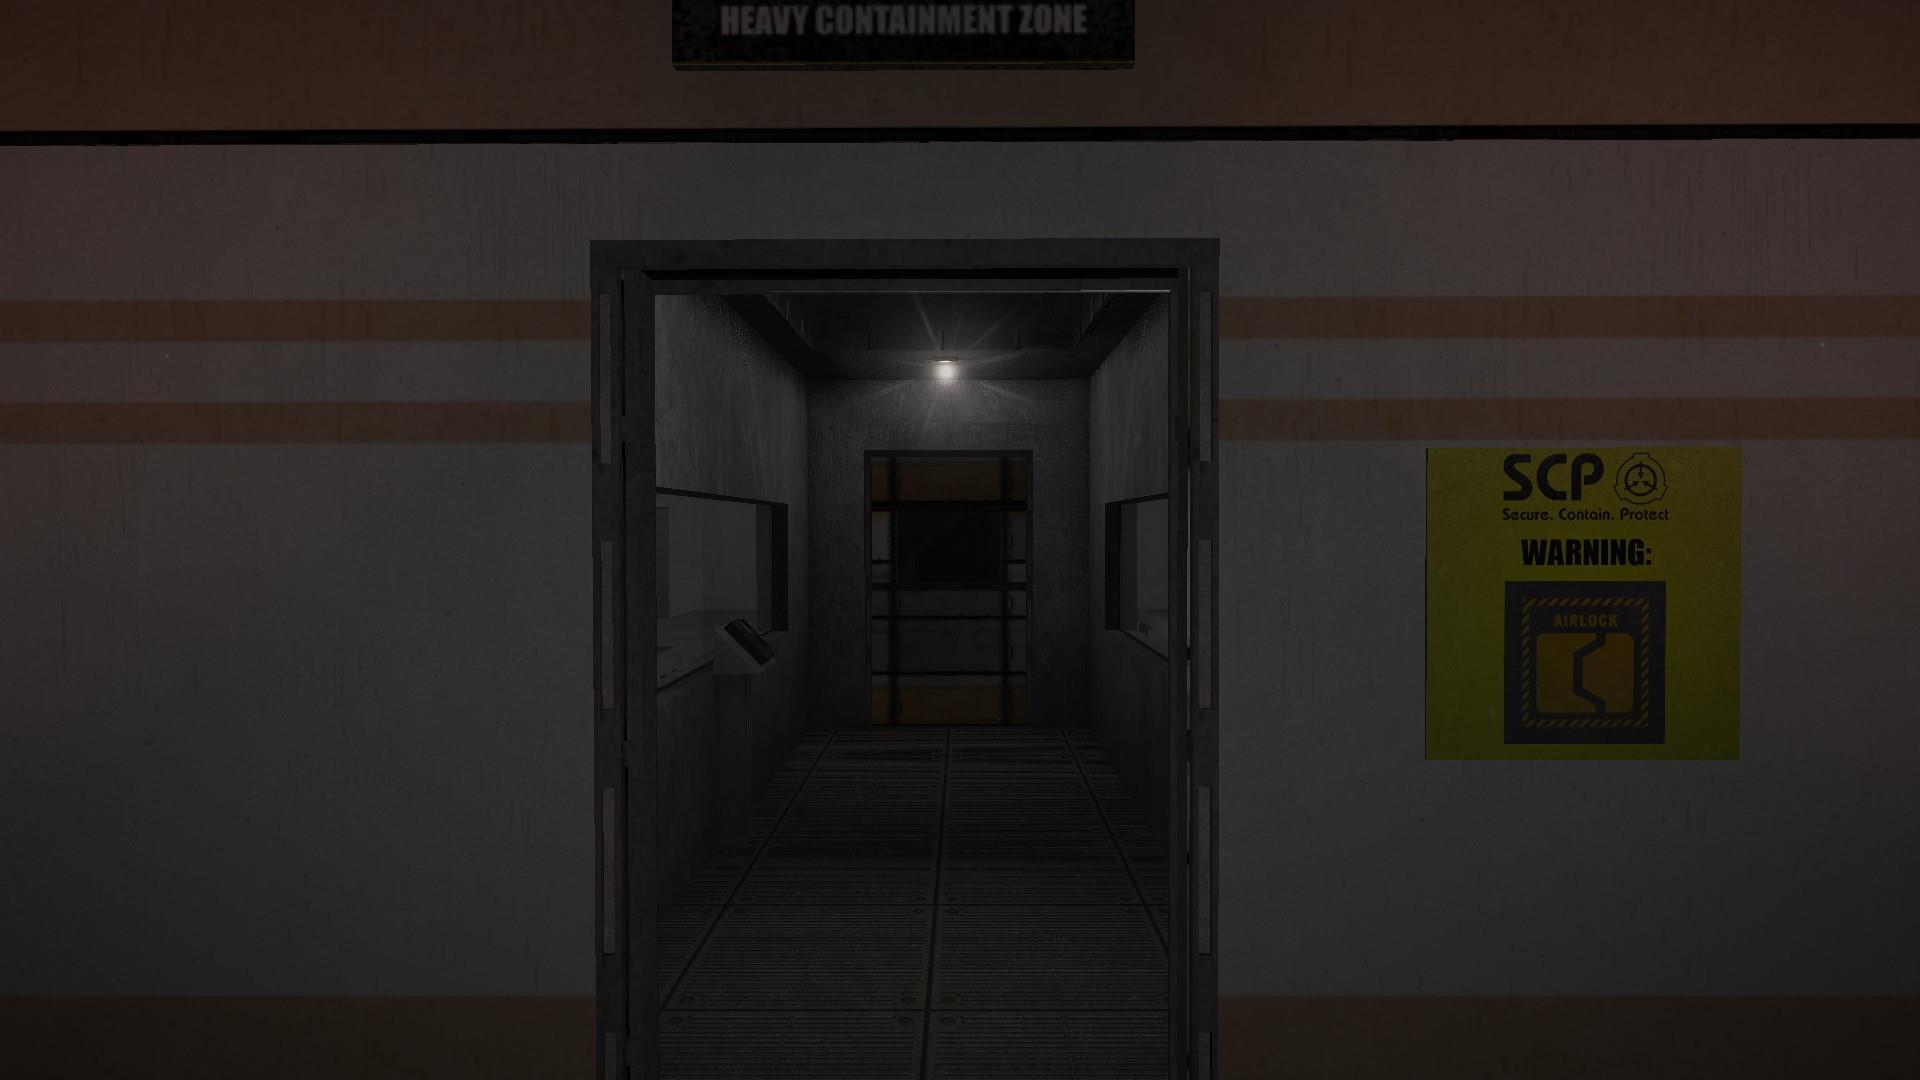 NTFScreenshot3